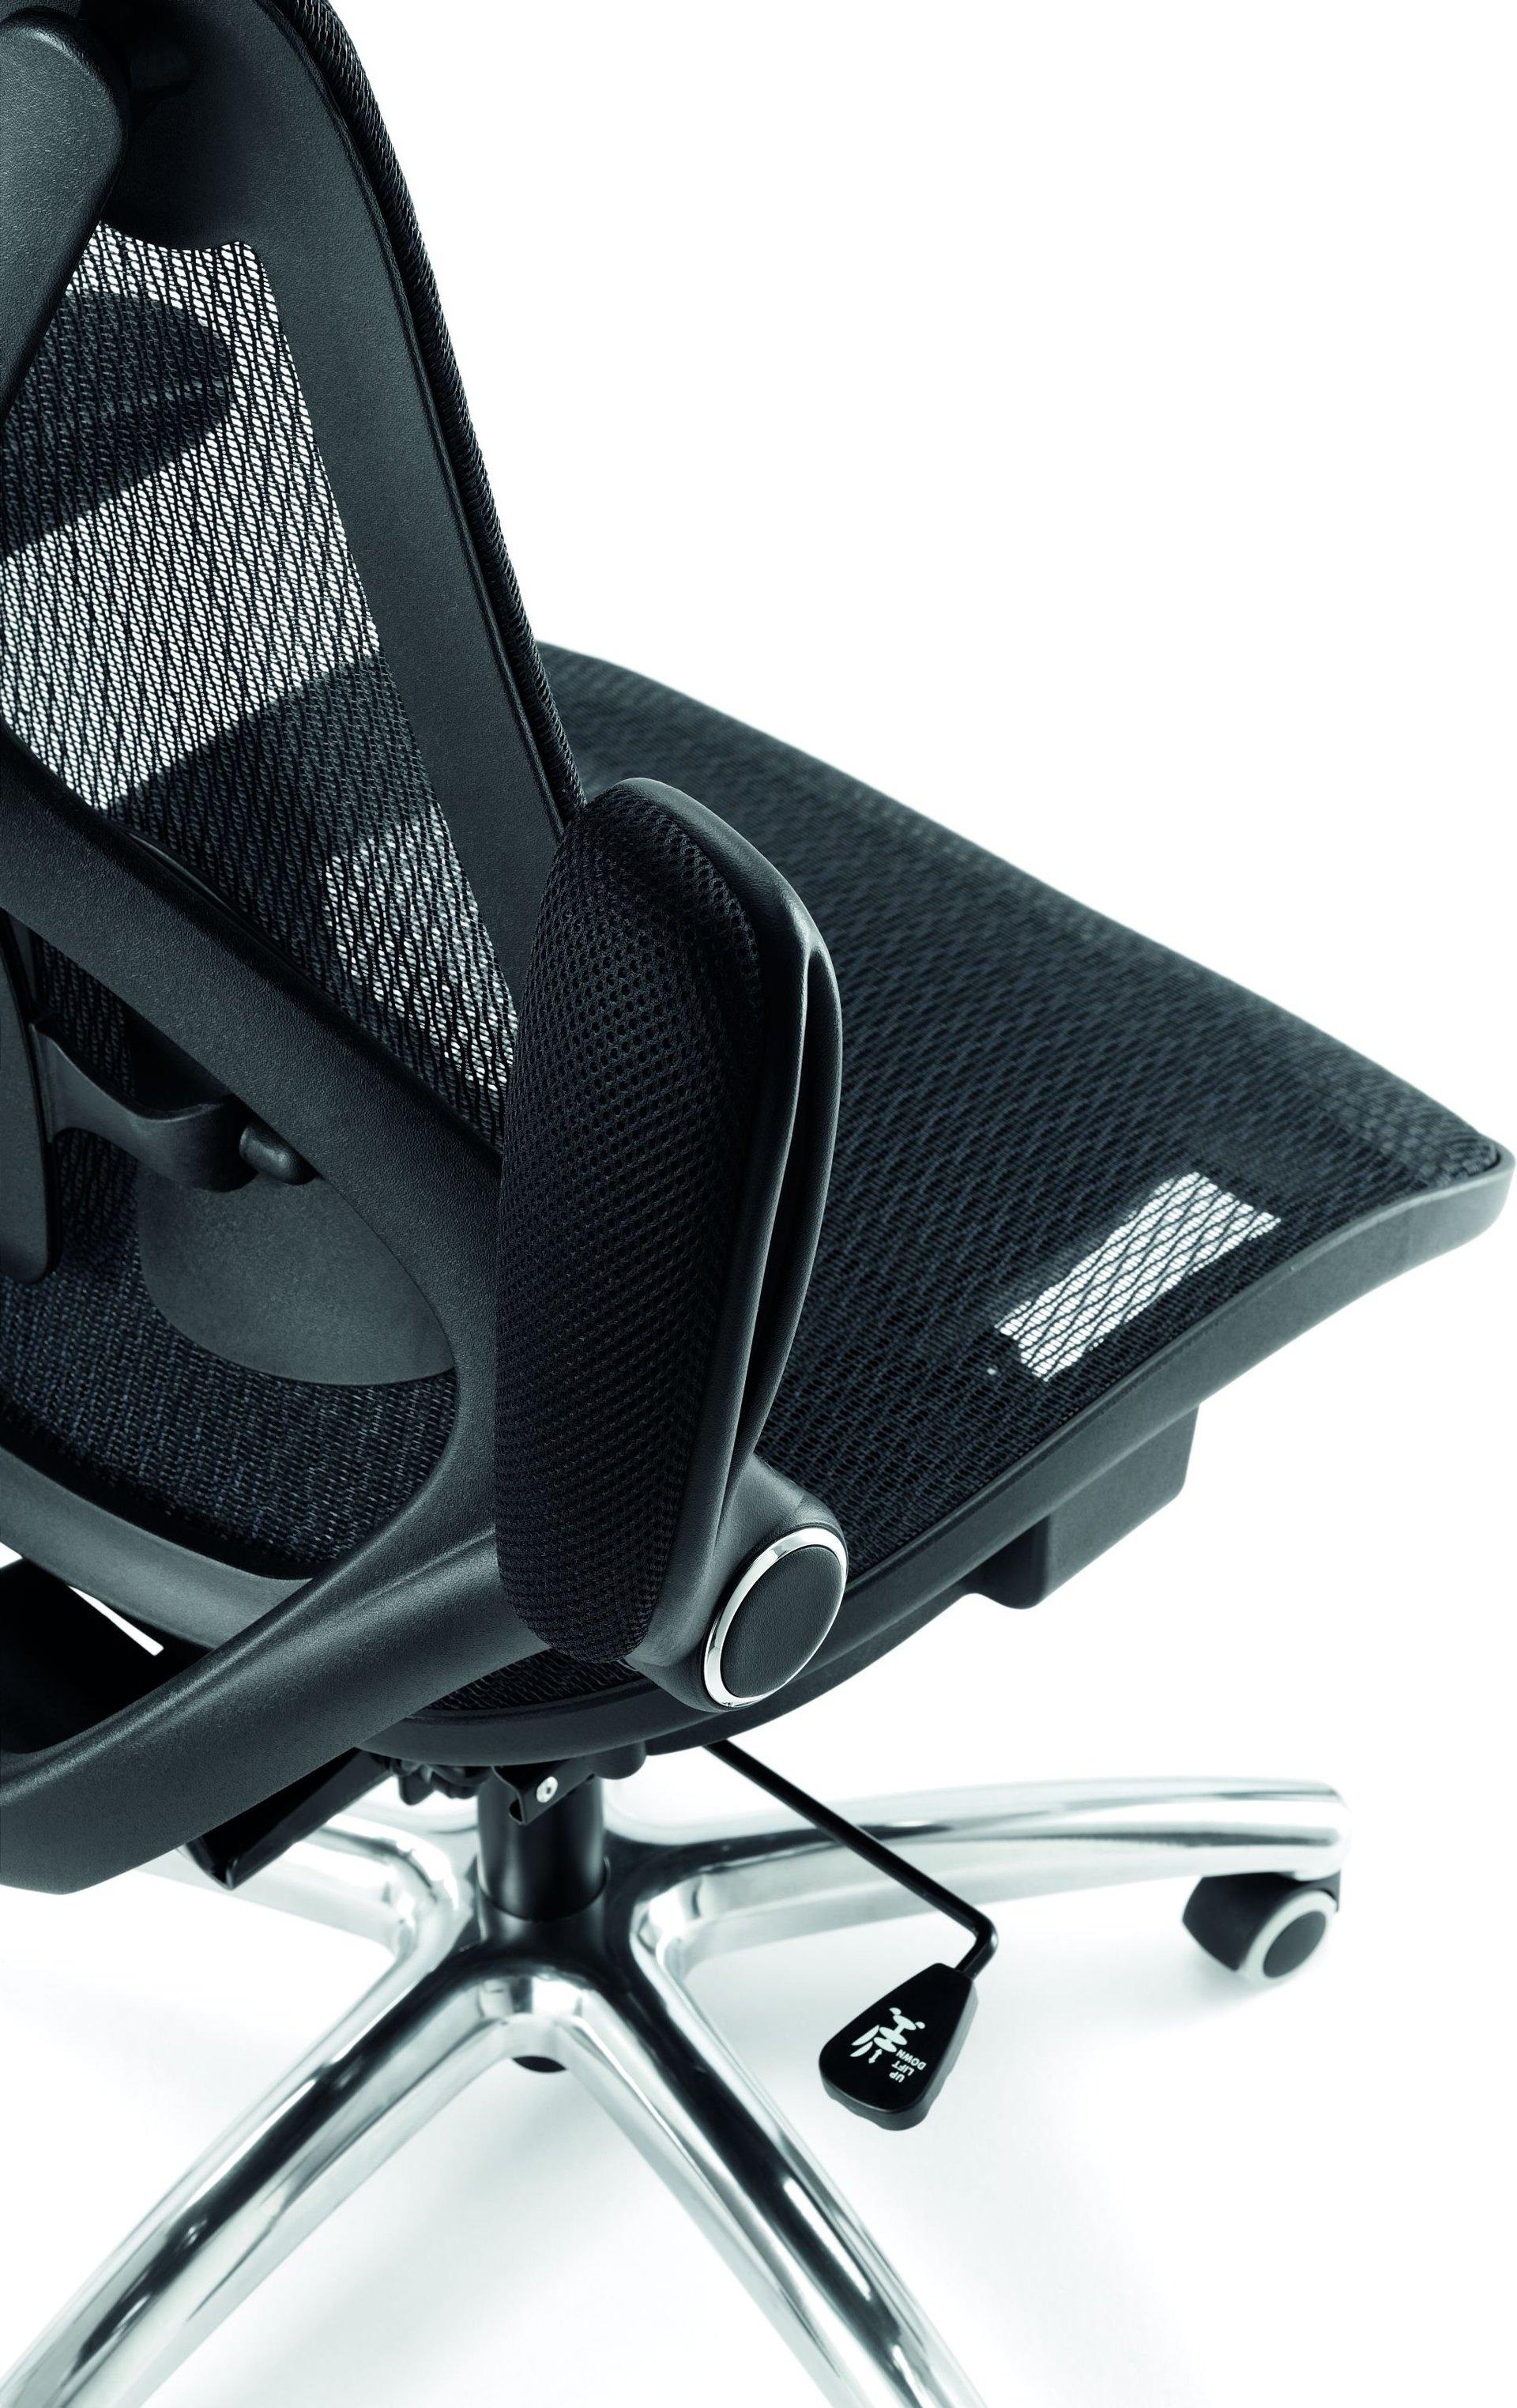 Particolare di sedia ergonomica per ufficio nera